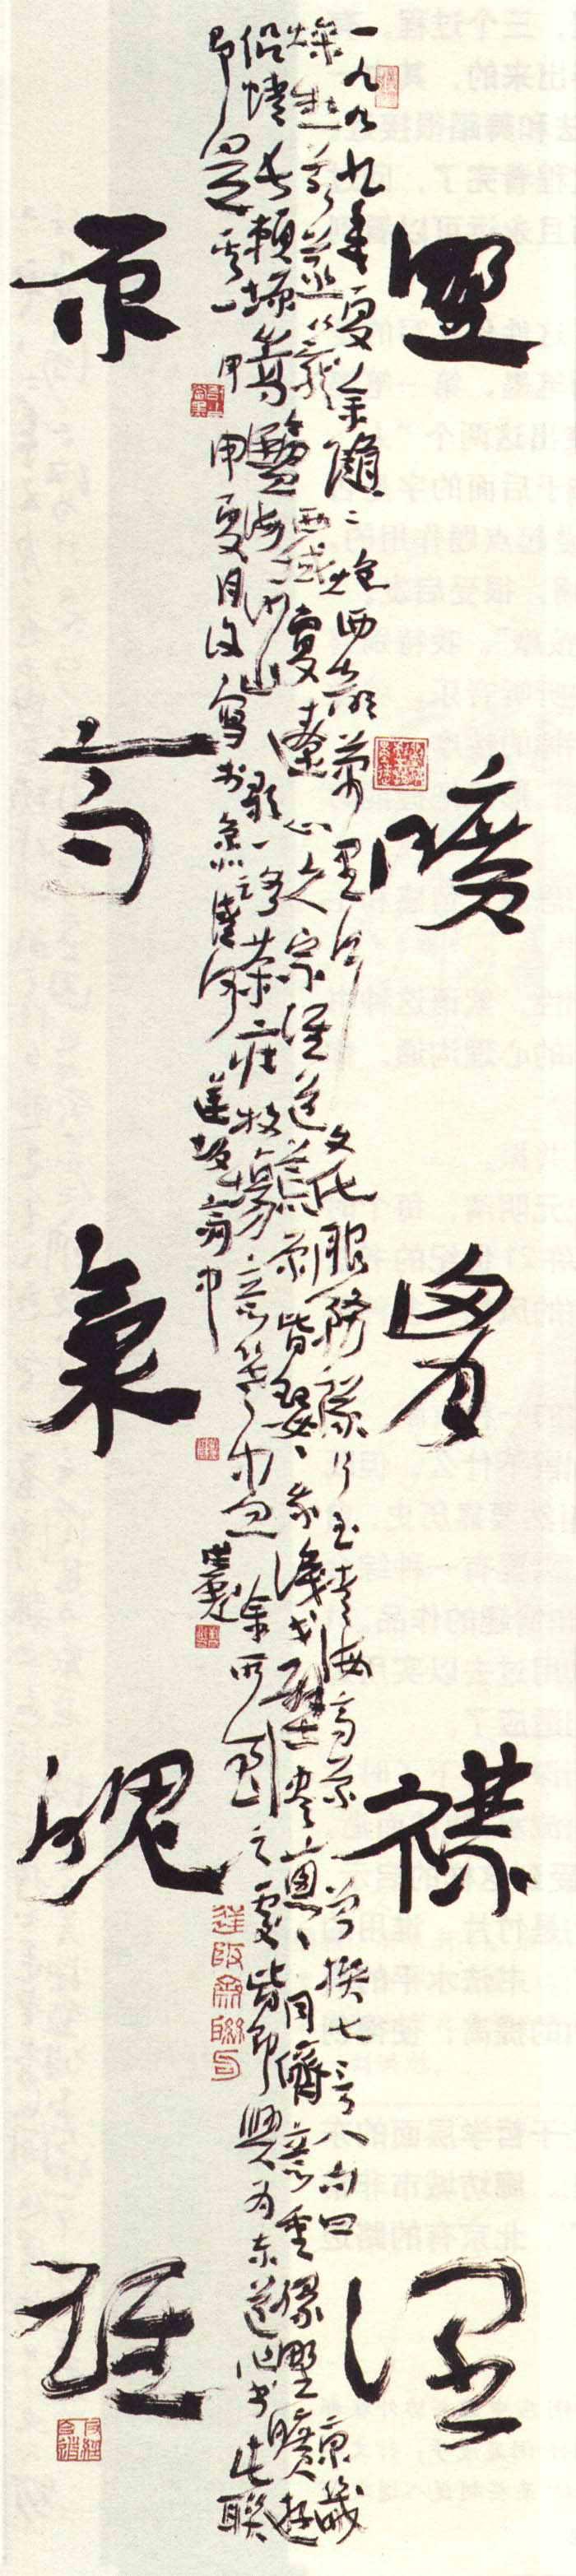 151_63_8.jpg